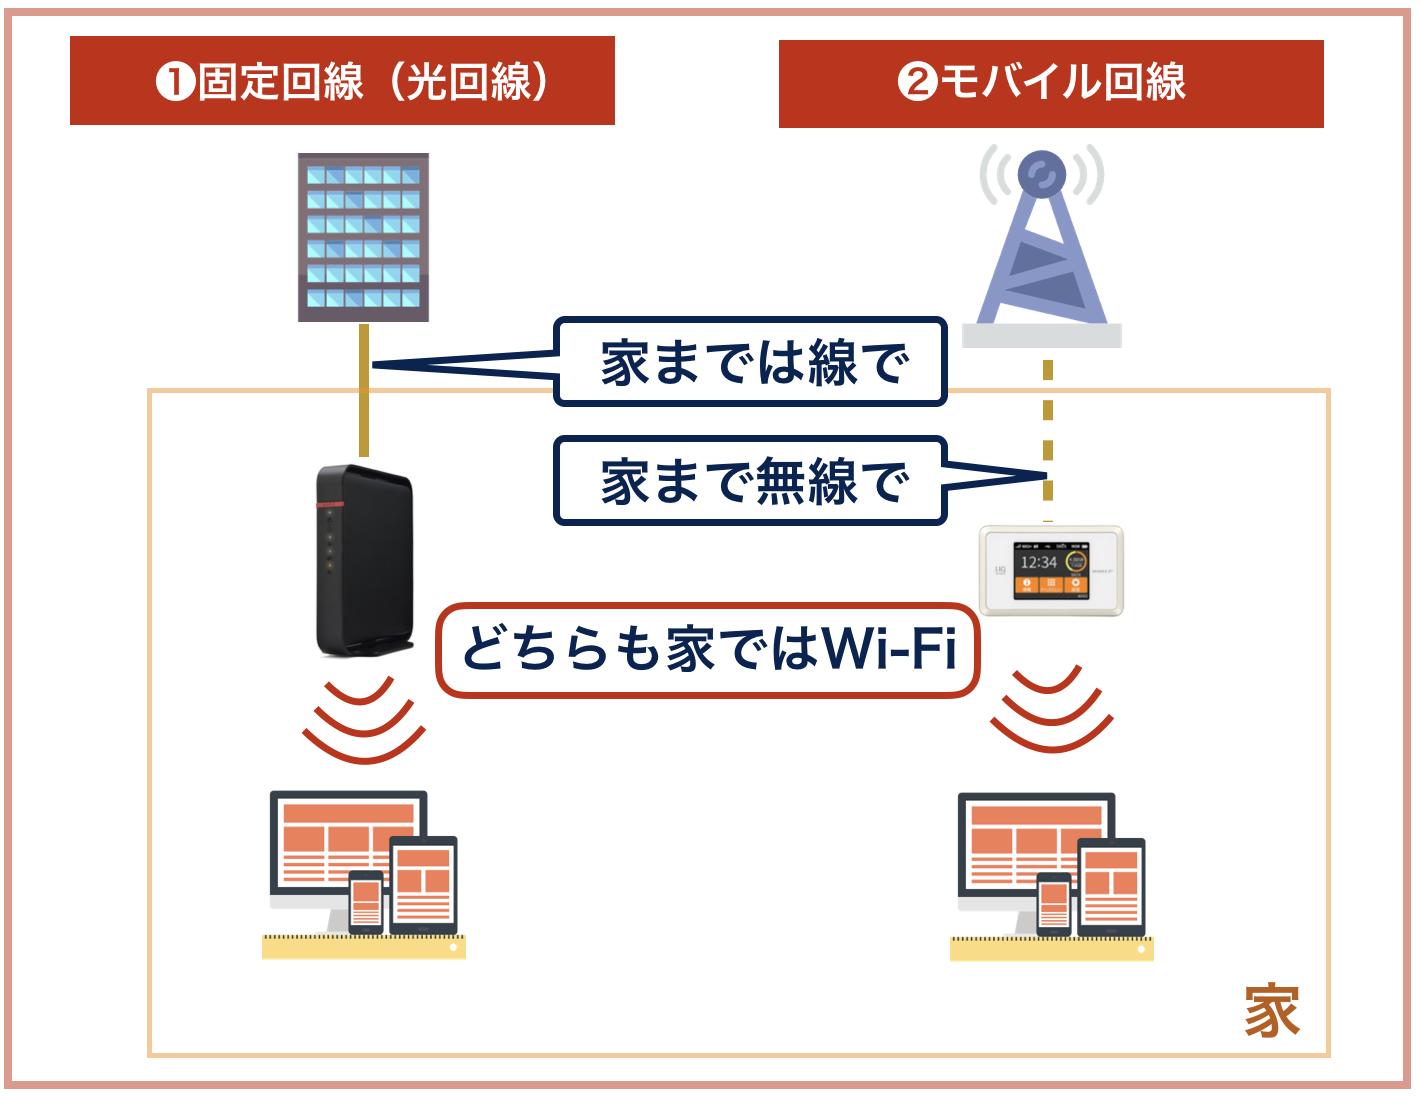 光回線とモバイル回線の違い